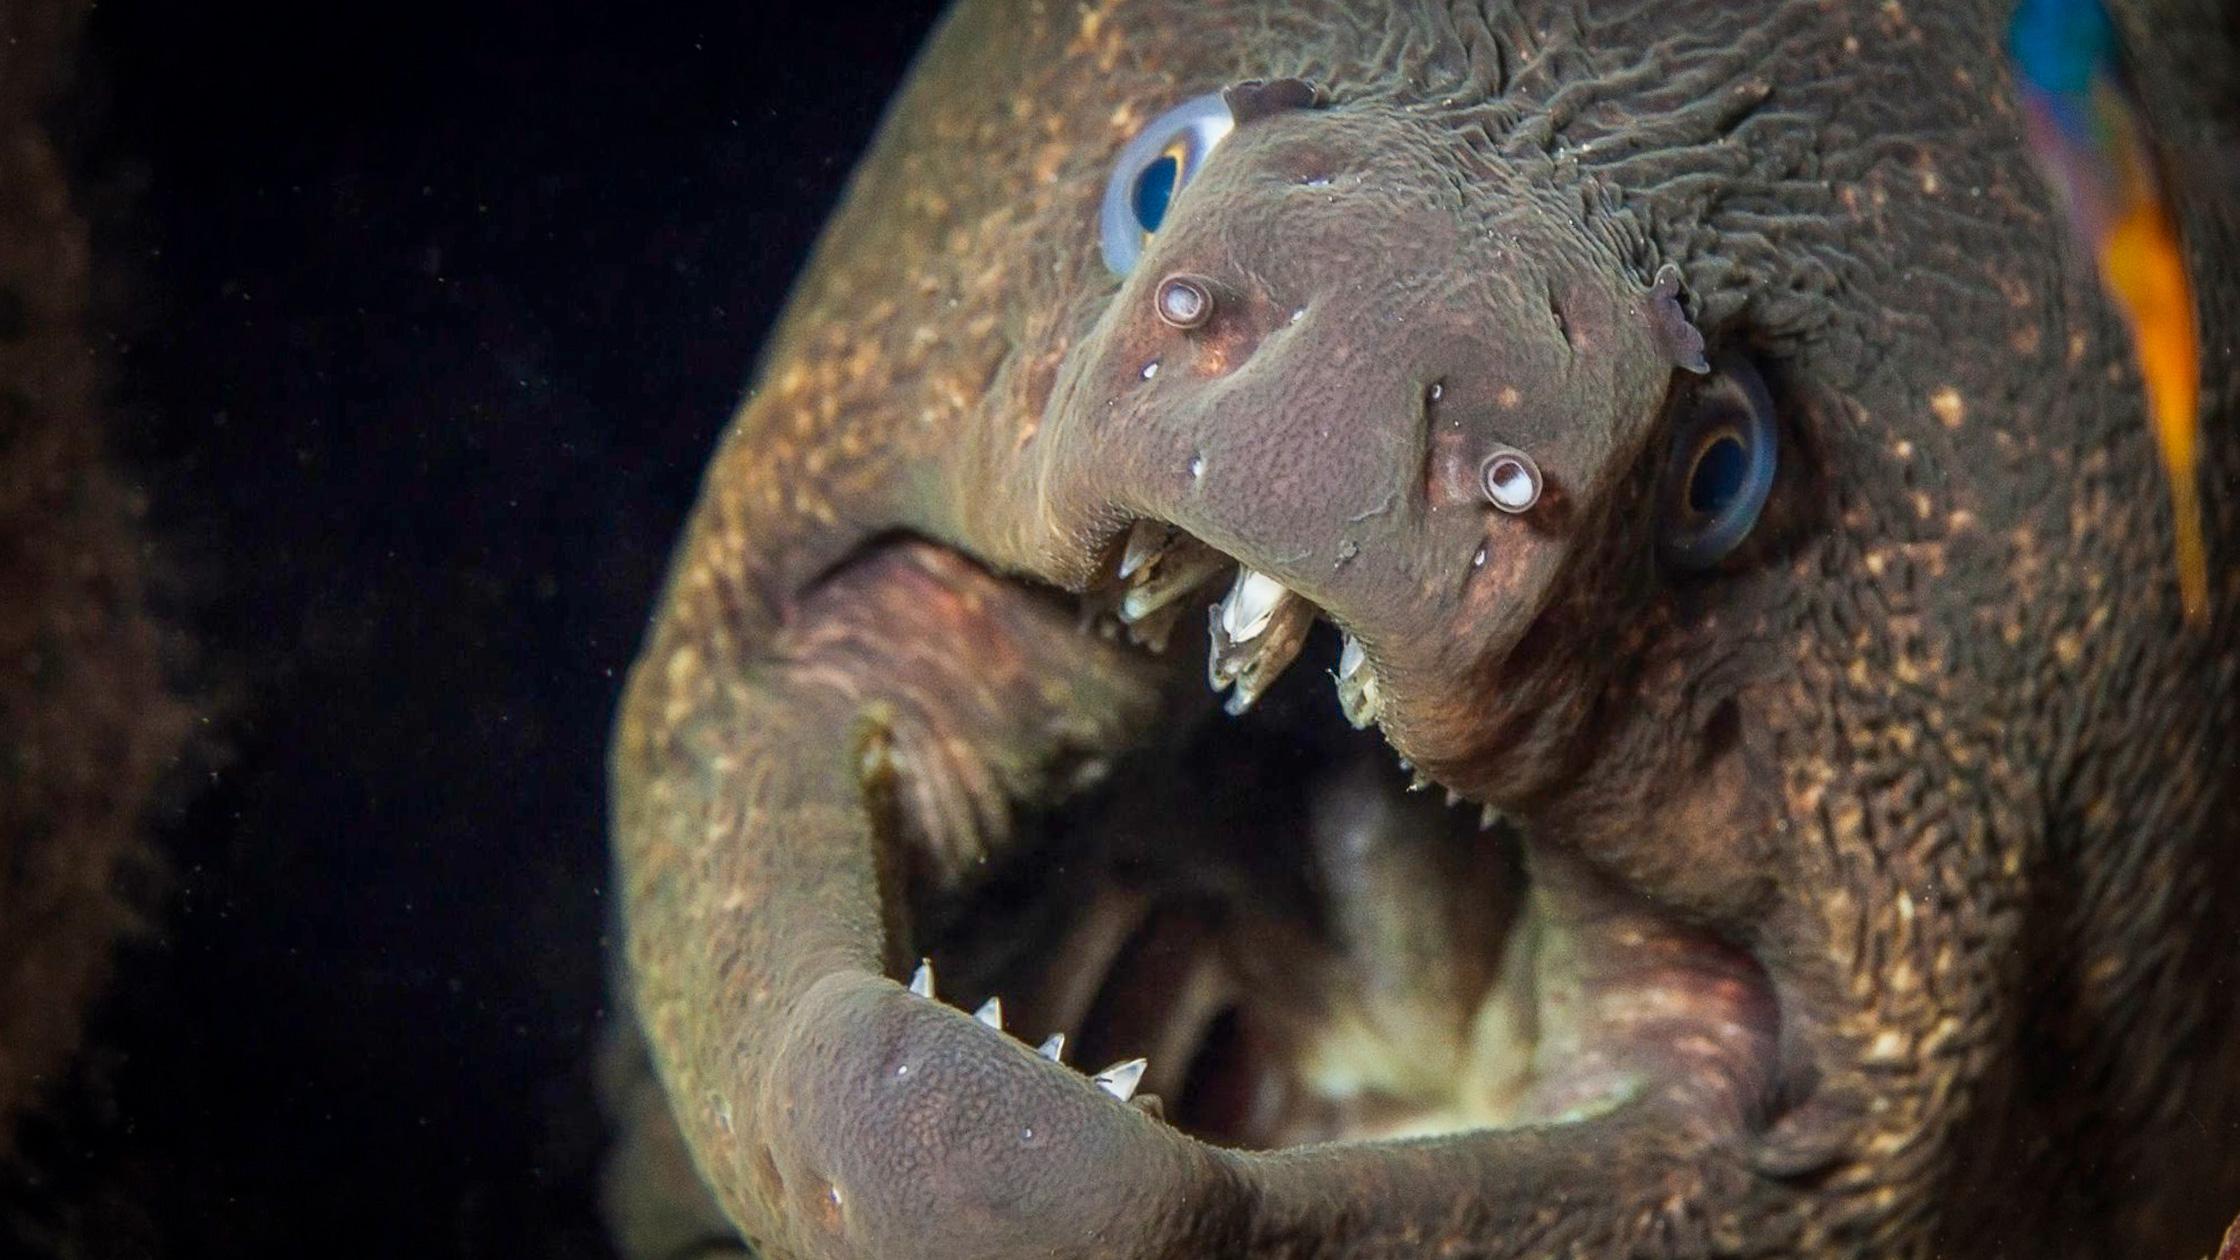 Do Eels Have Teeth?